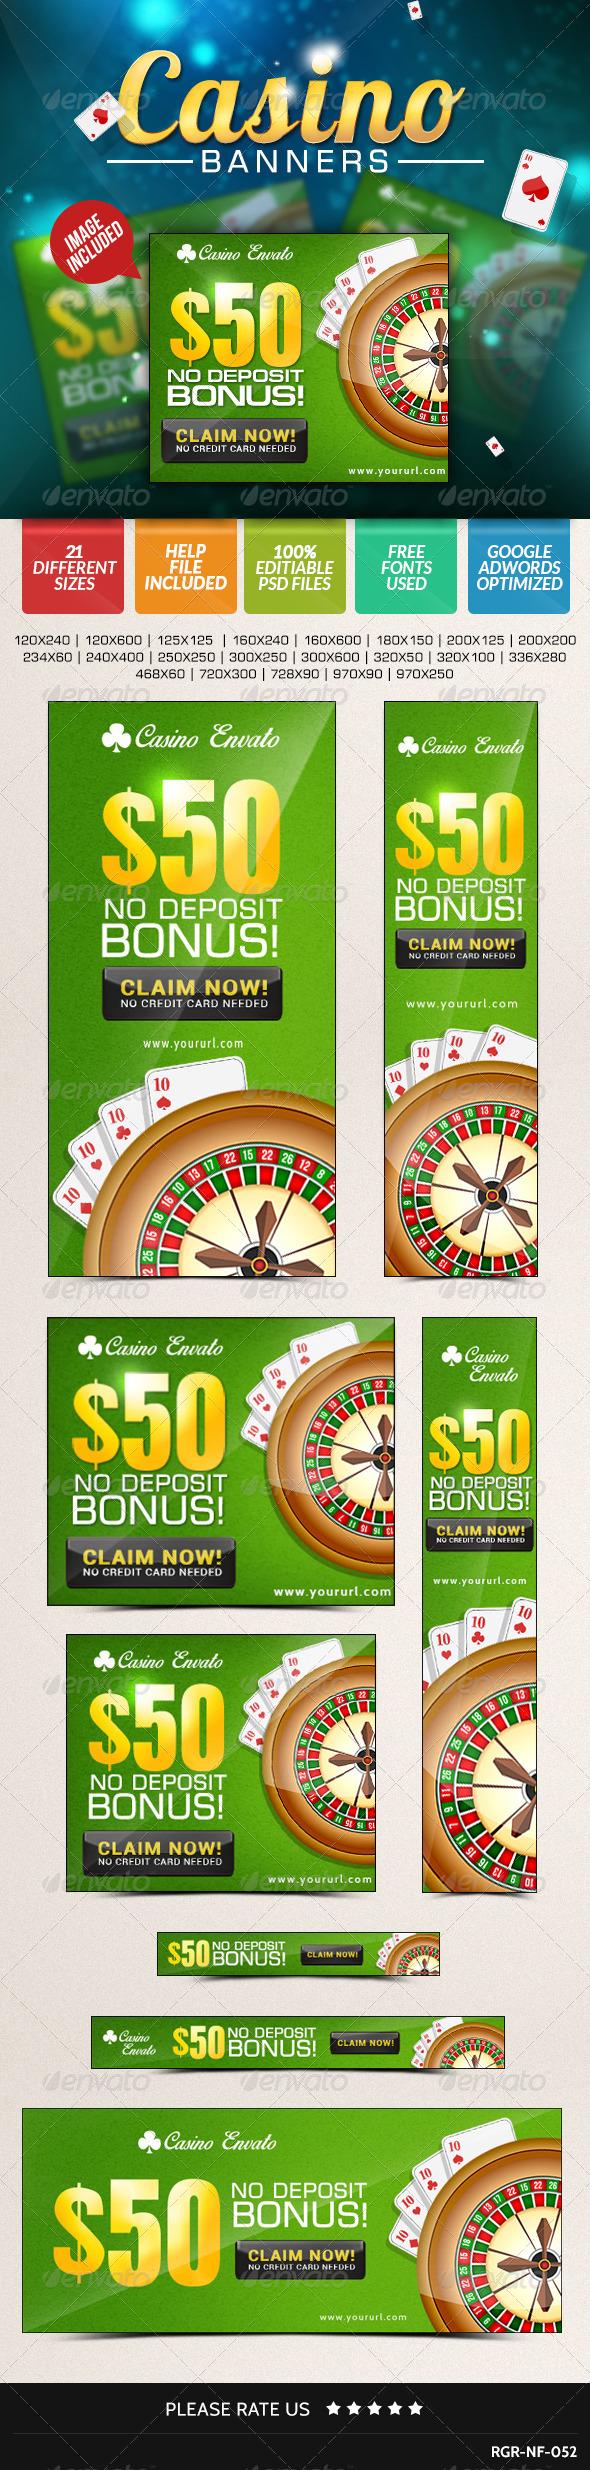 GraphicRiver Casino Banners 8487782